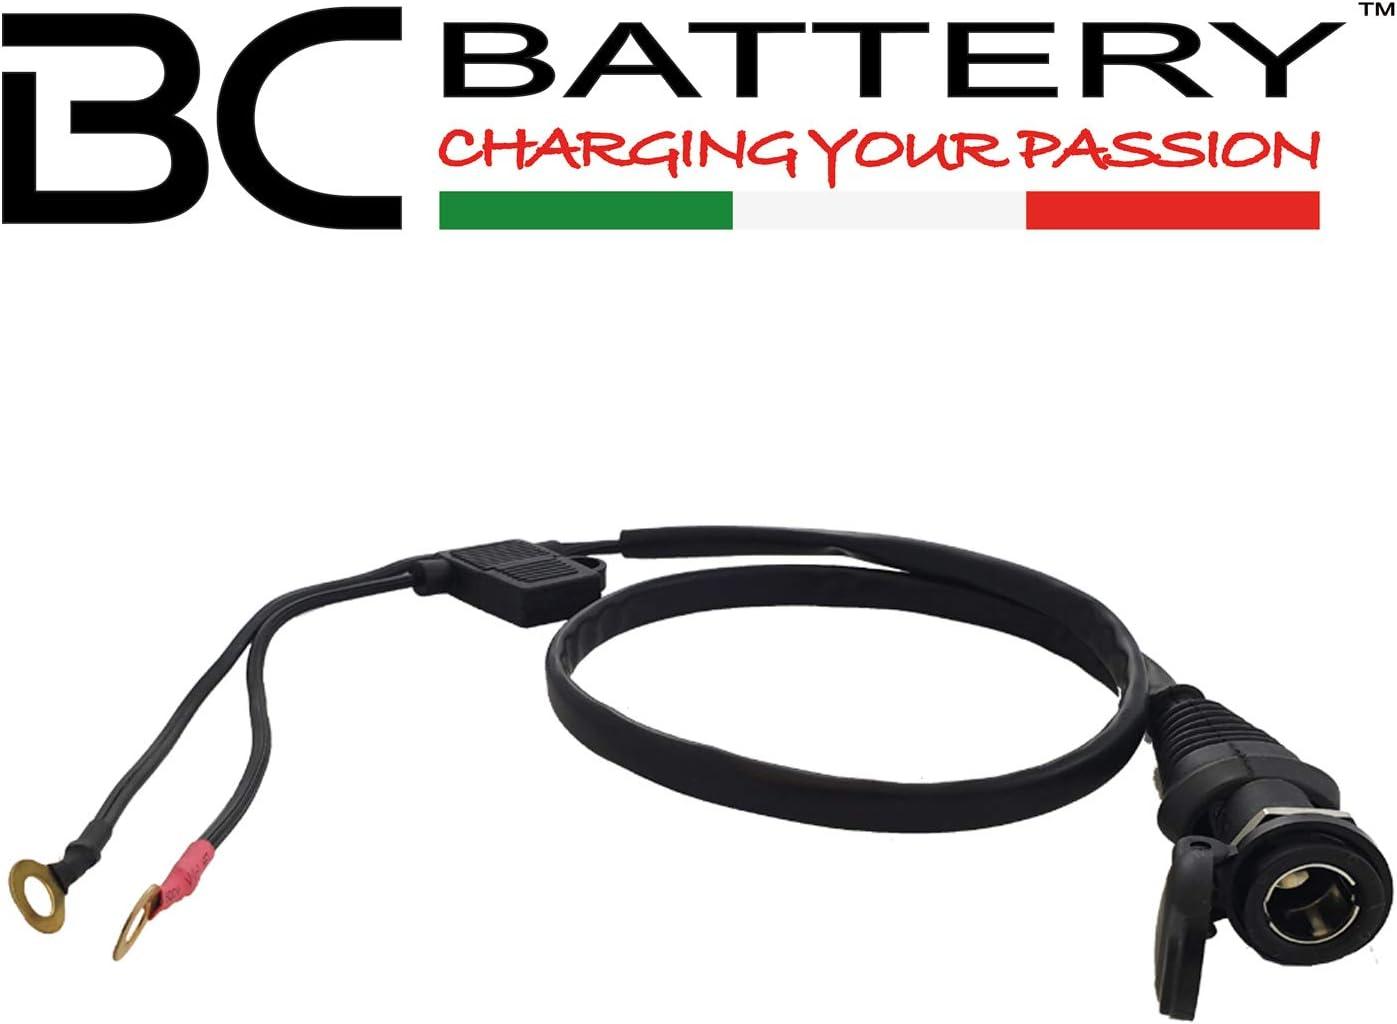 Bc Battery Controller 8059070587050 Din4165 12v Zigarettenanzünderbuchse Bordsteckdose Für Motorrad Durchmesser 12 Mm Auto